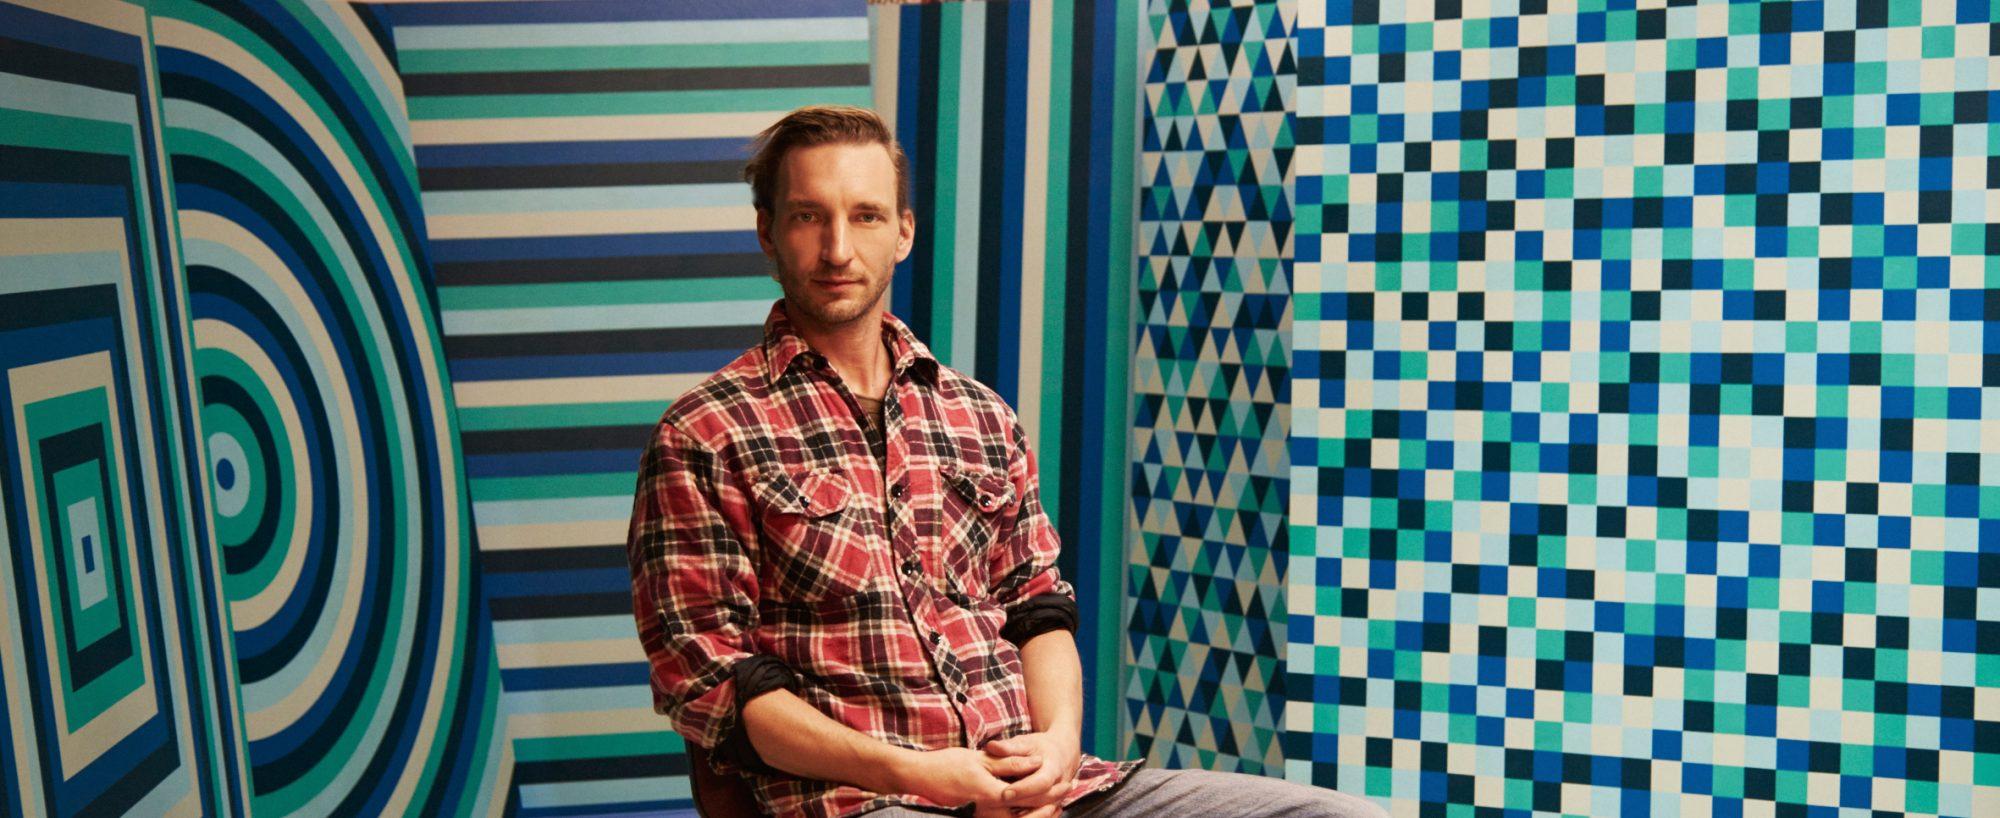 Blaues Thema - Portraitfoto mit Werken